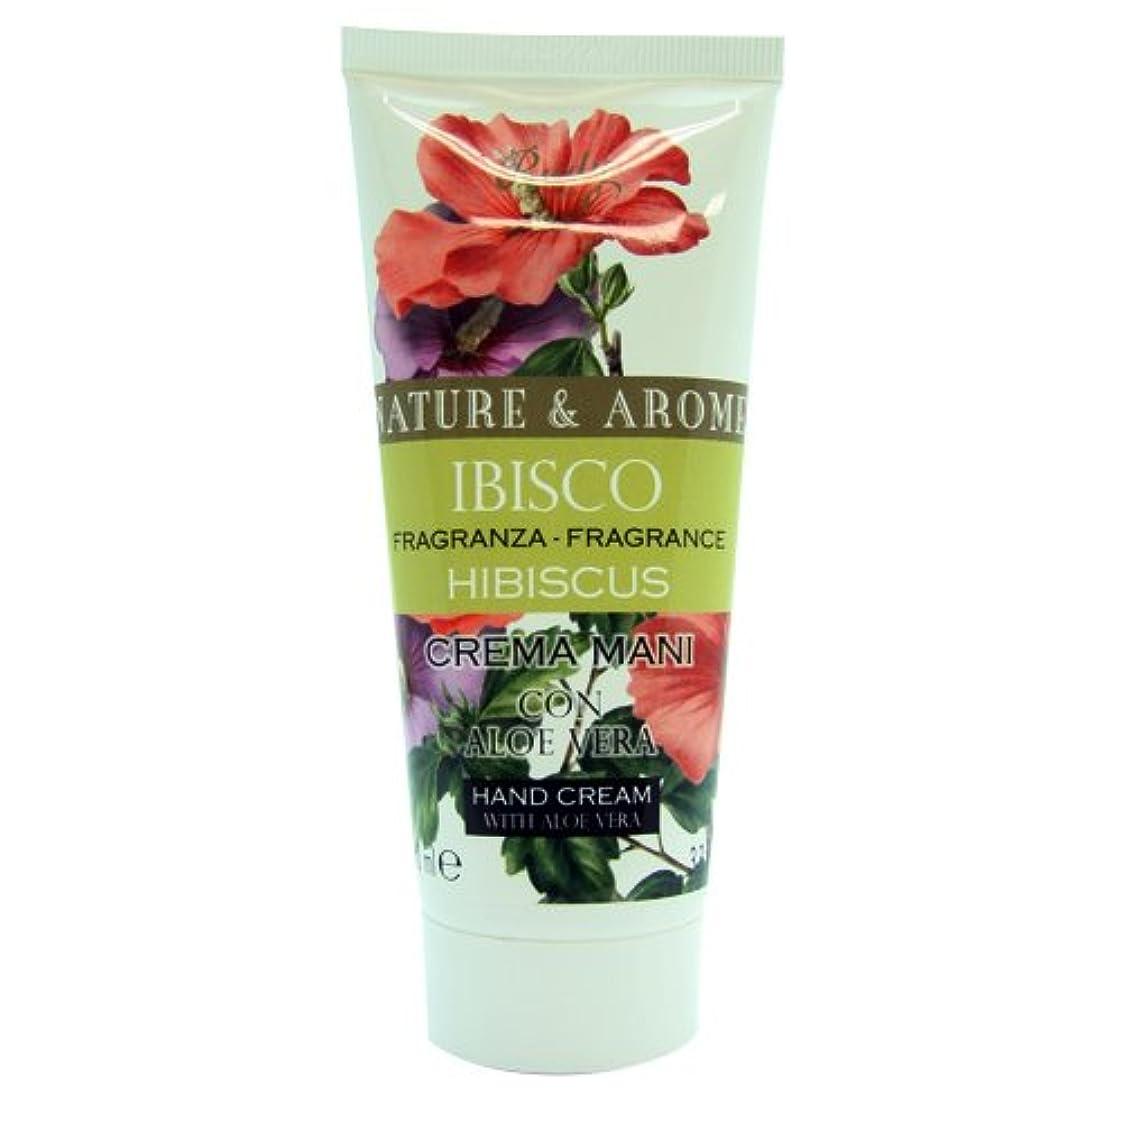 剛性ふさわしいゆるいRUDY Nature&Arome SERIES ルディ ナチュール&アロマ Hand Cream ハンドクリーム  Hibiscus ハイビスカス